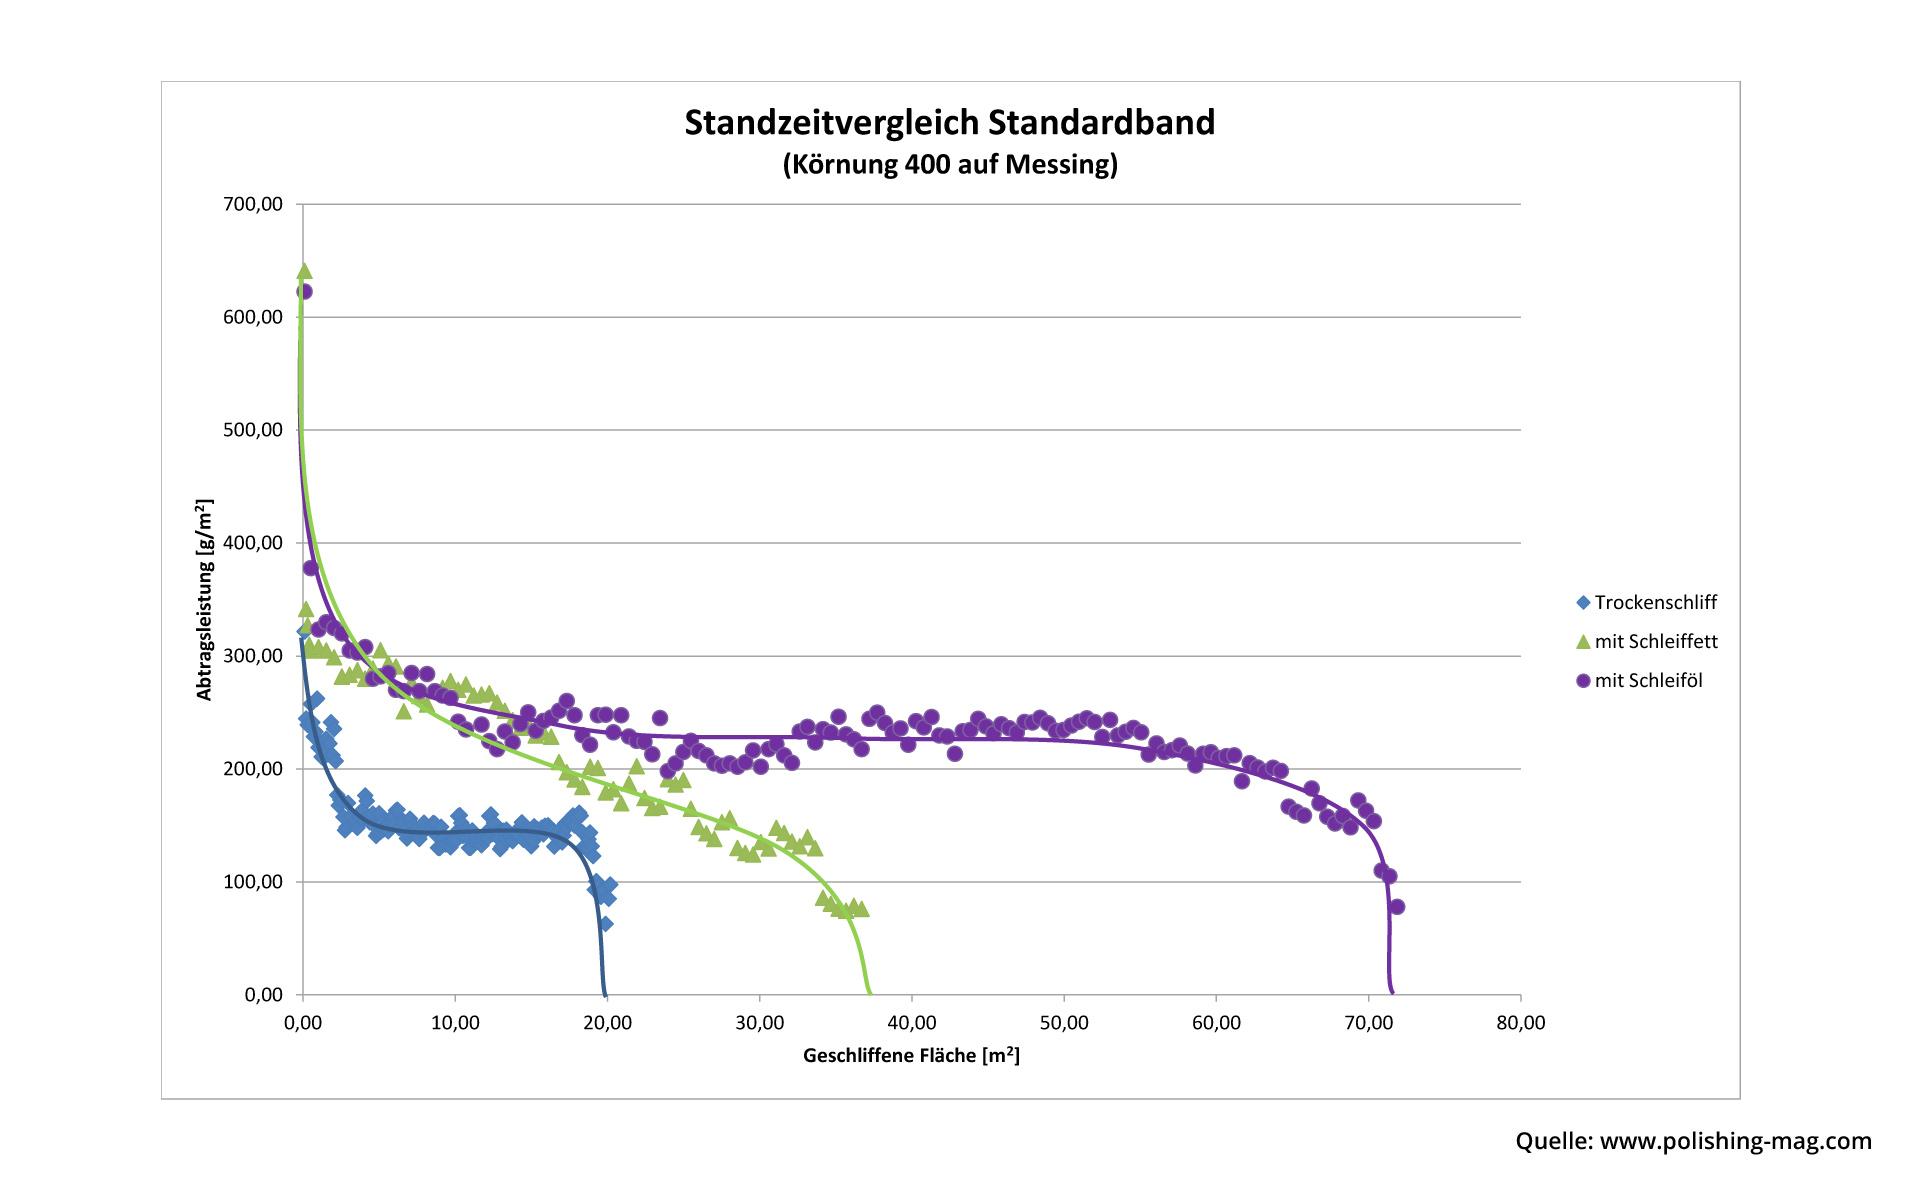 Auswertung der Standzeiten bei unterschiedlichen Poliermitteln.